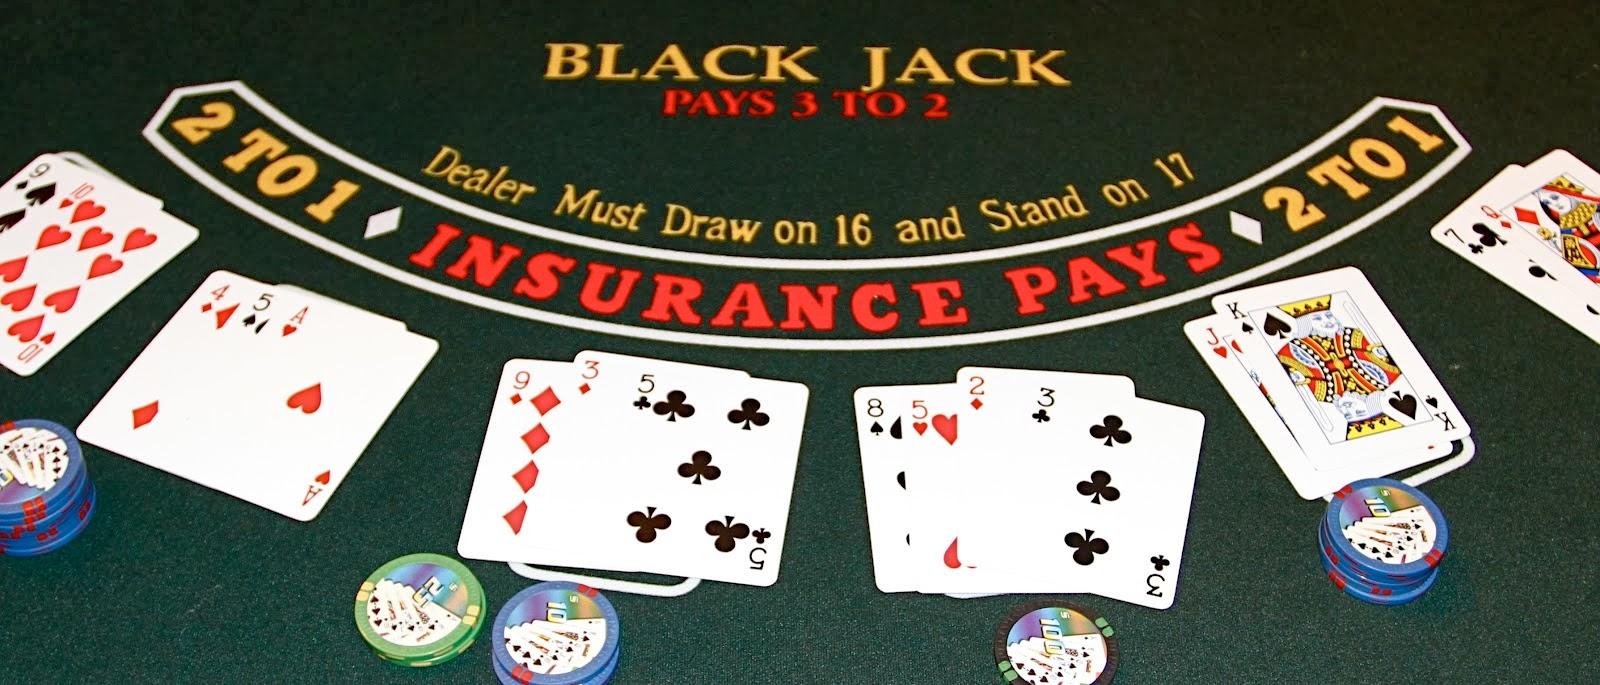 Palabras de Black Jack